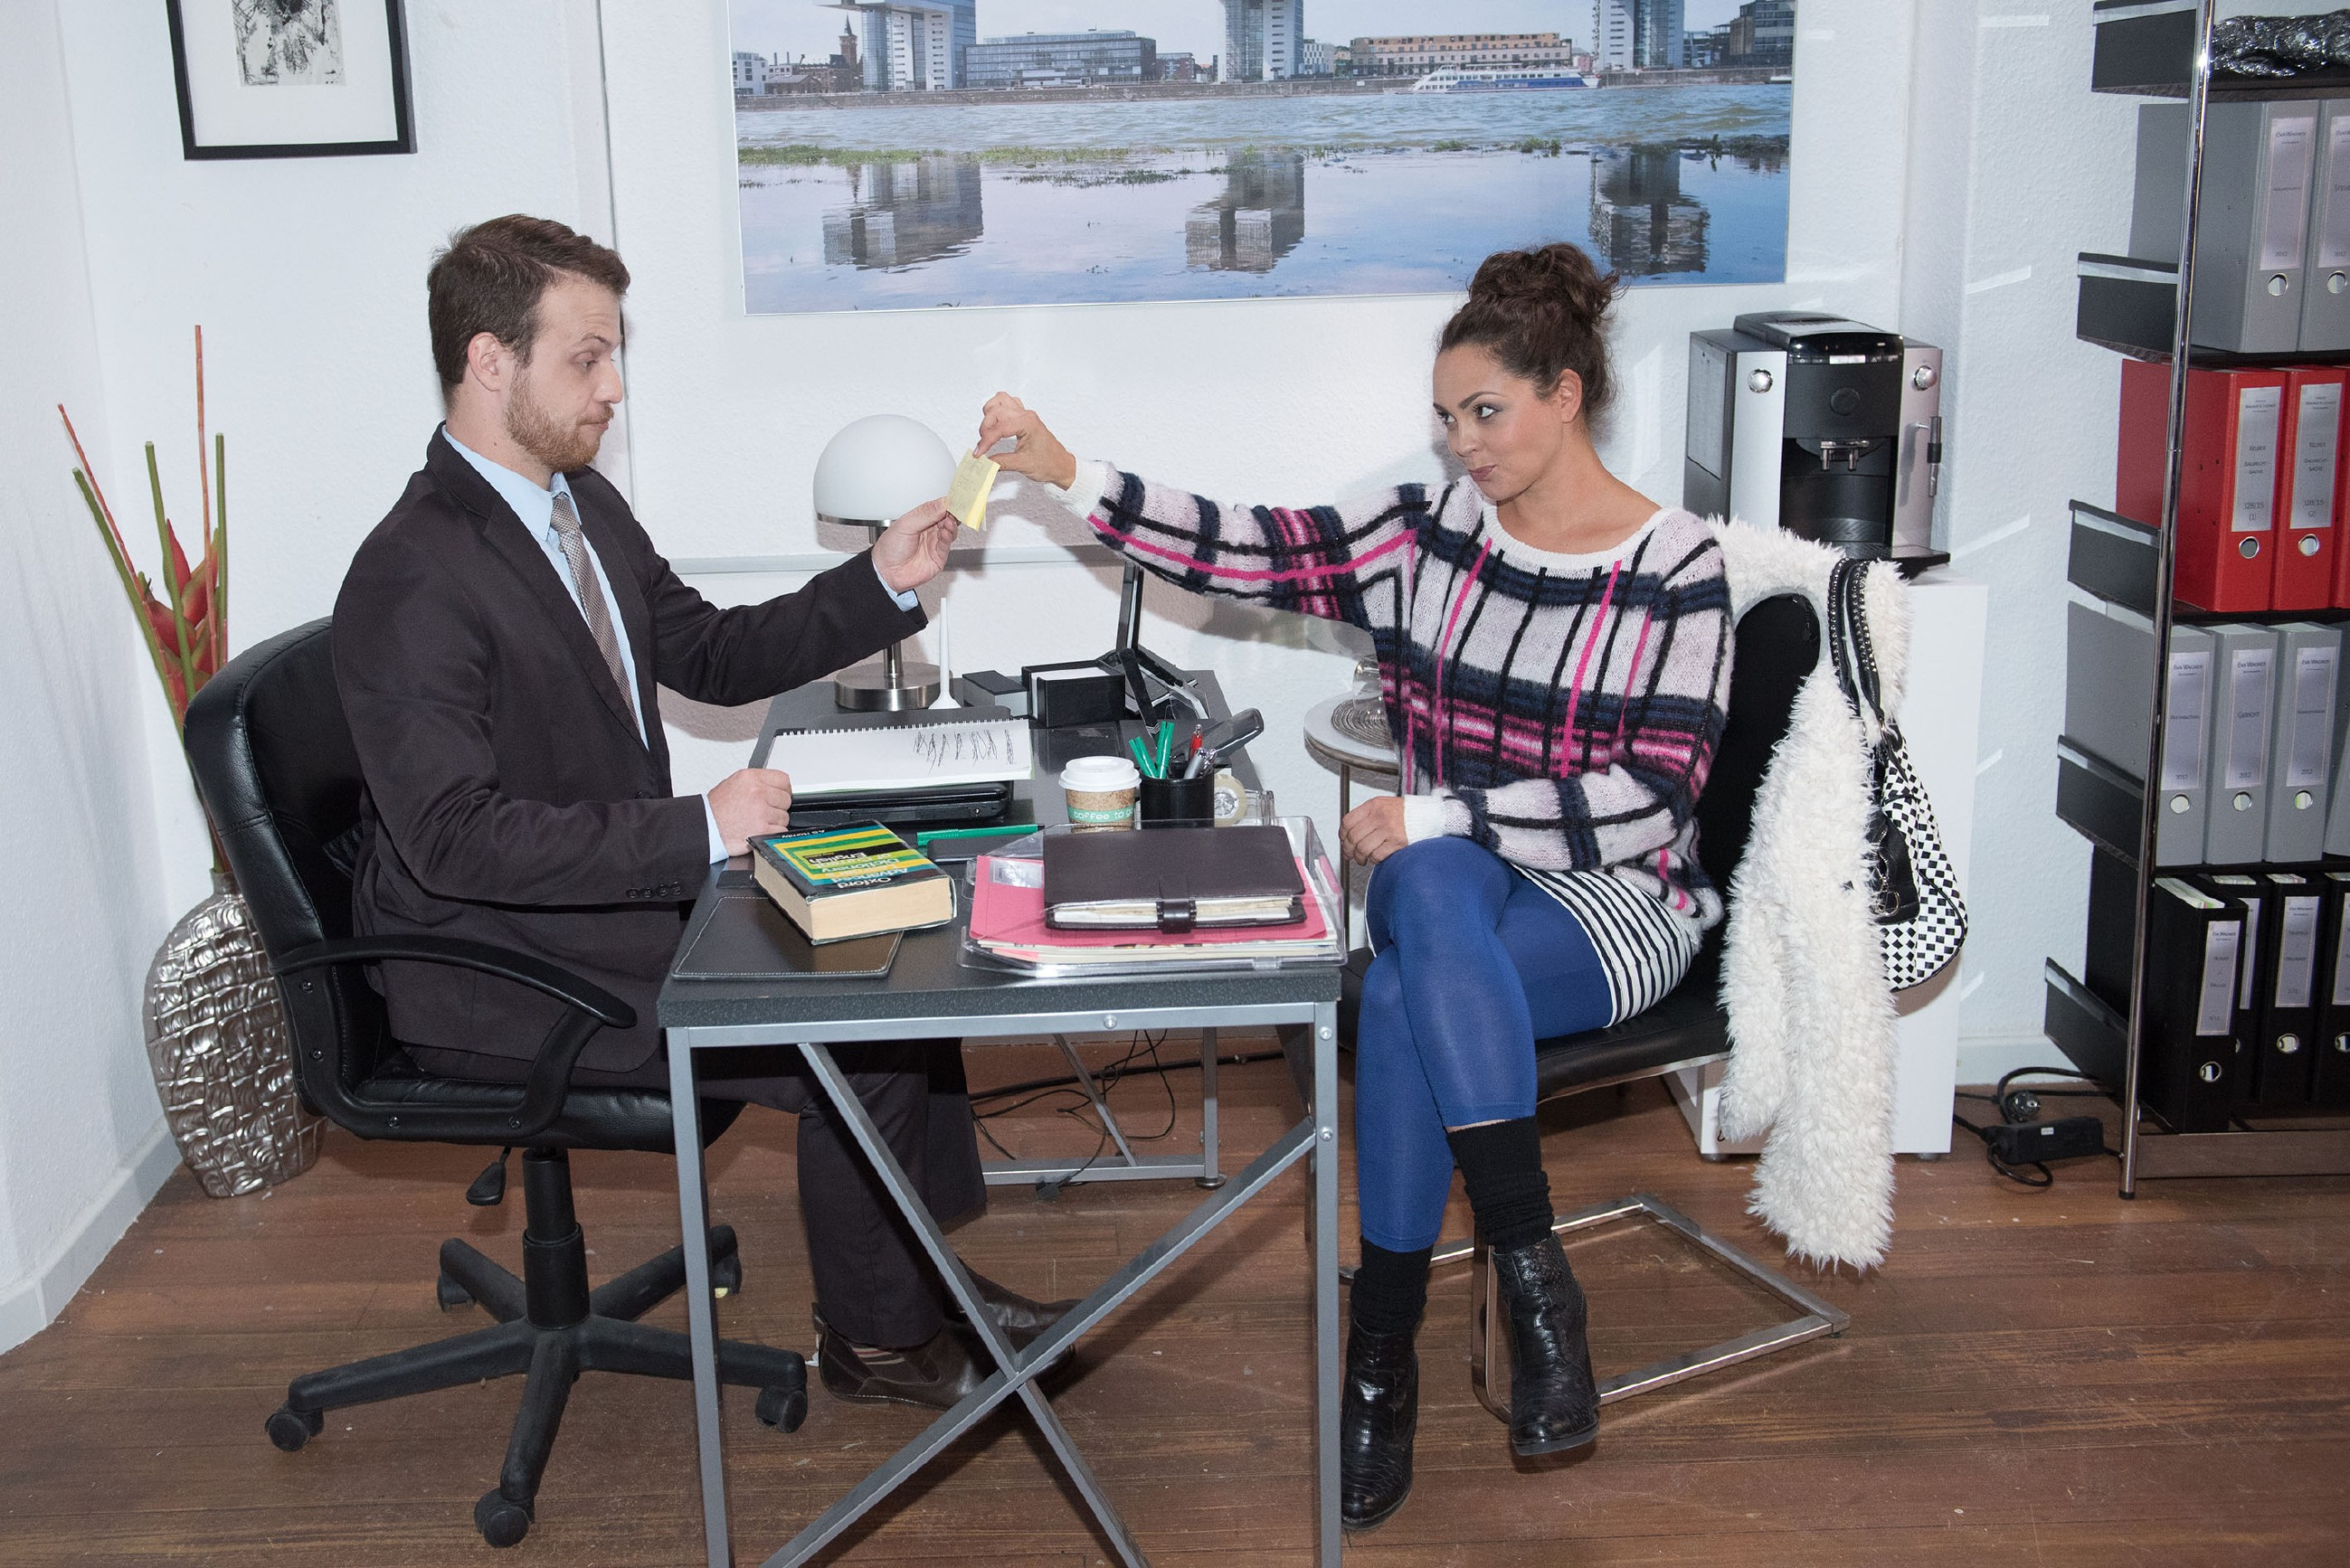 Caro (Ines Kurenbach) verblüfft Tobias (Patrick Müller) mit einer besseren Idee für einen Werbeslogan. (Quelle: RTL / Stefan Behrens)